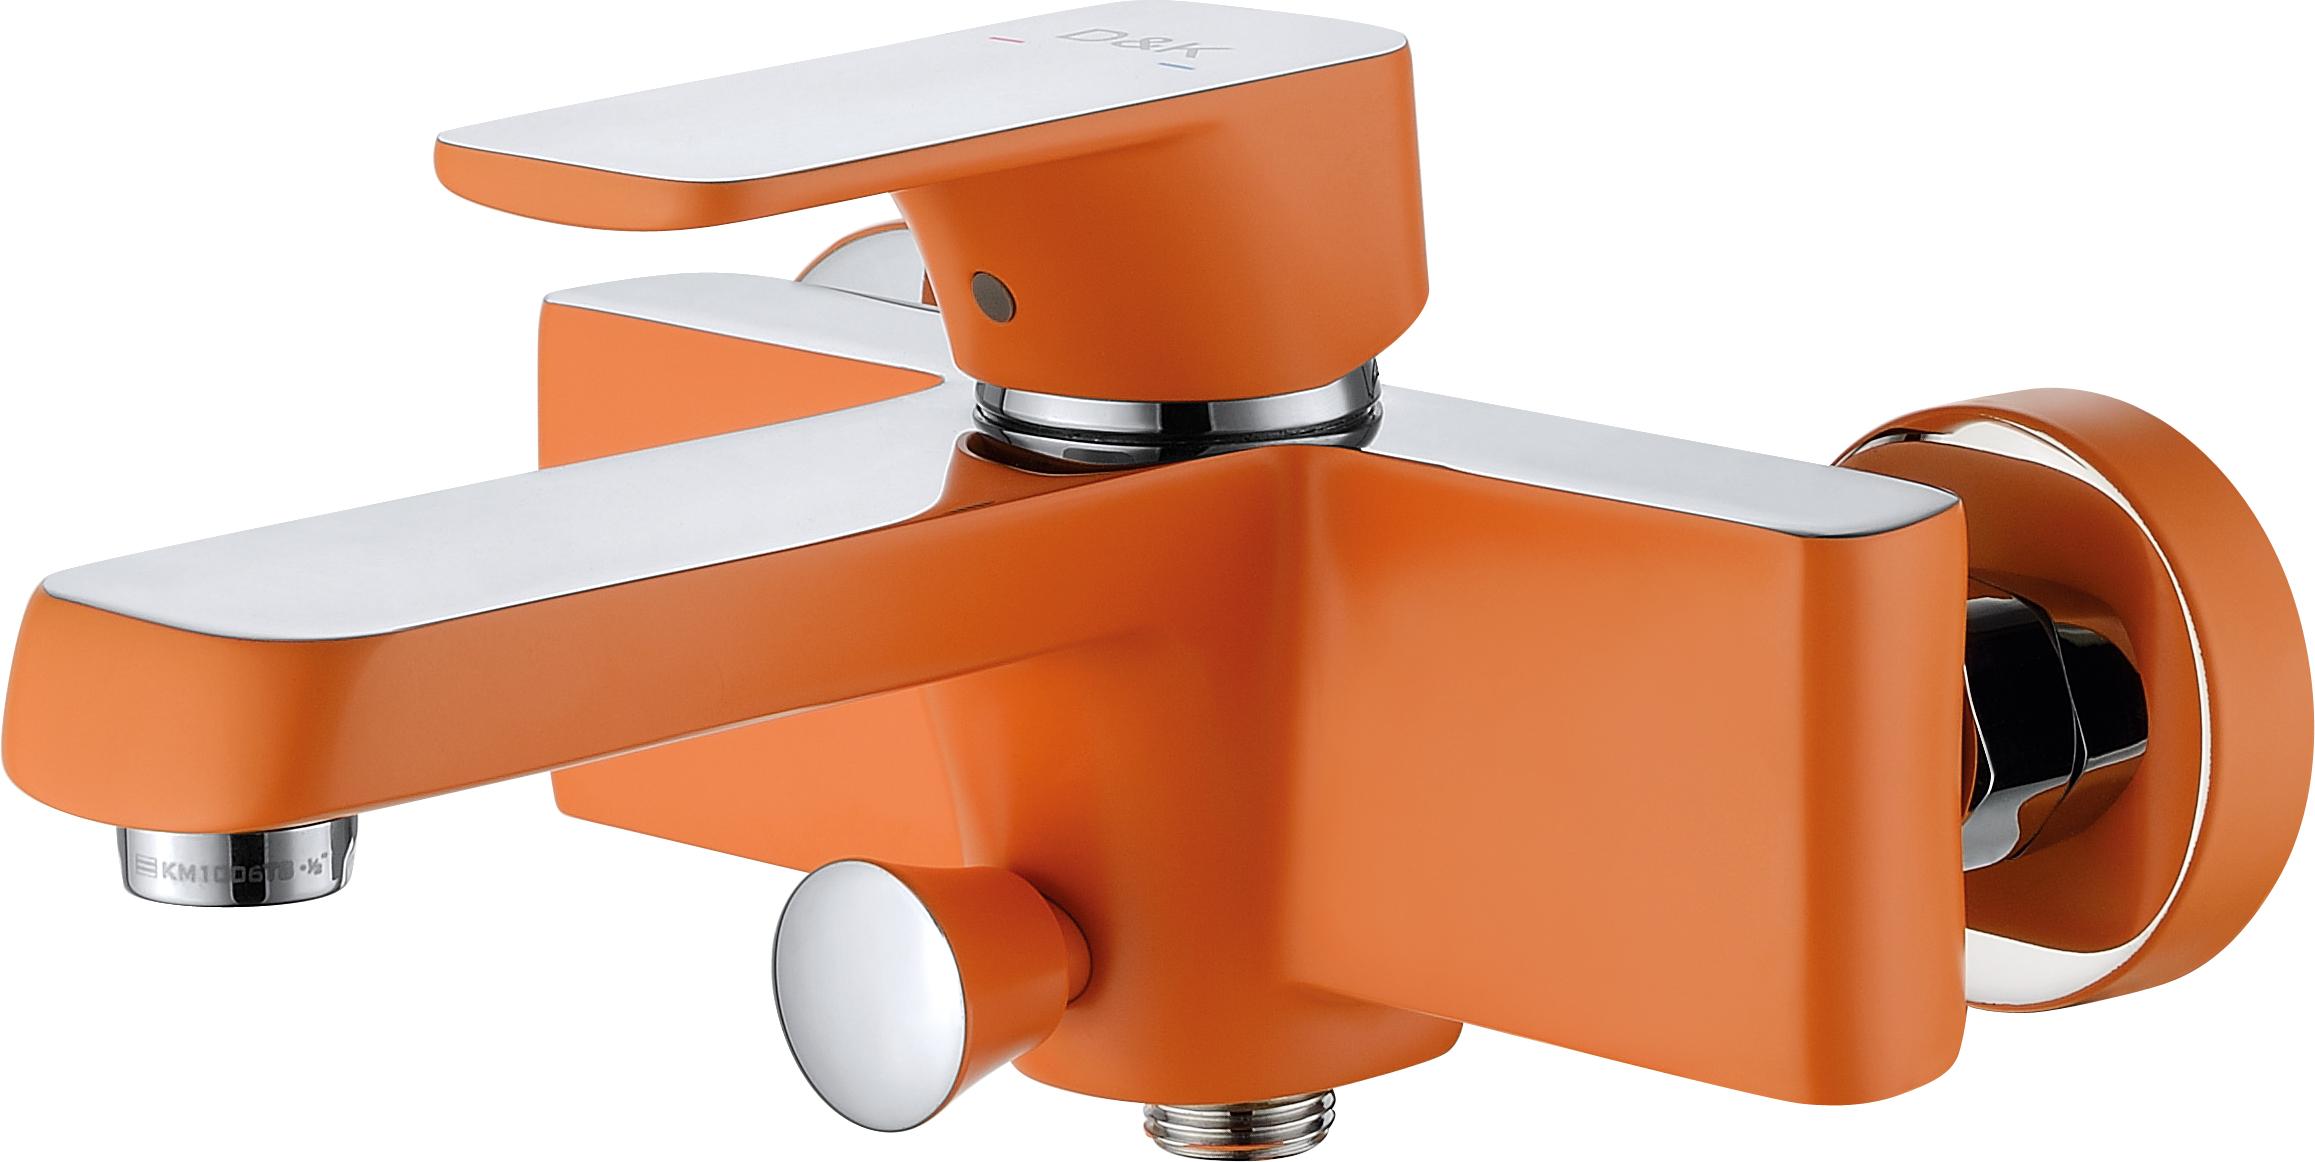 Смеситель для ванны с душем D&K Berlin.Kunste DA1433213 короткий излив оранжевый-хром